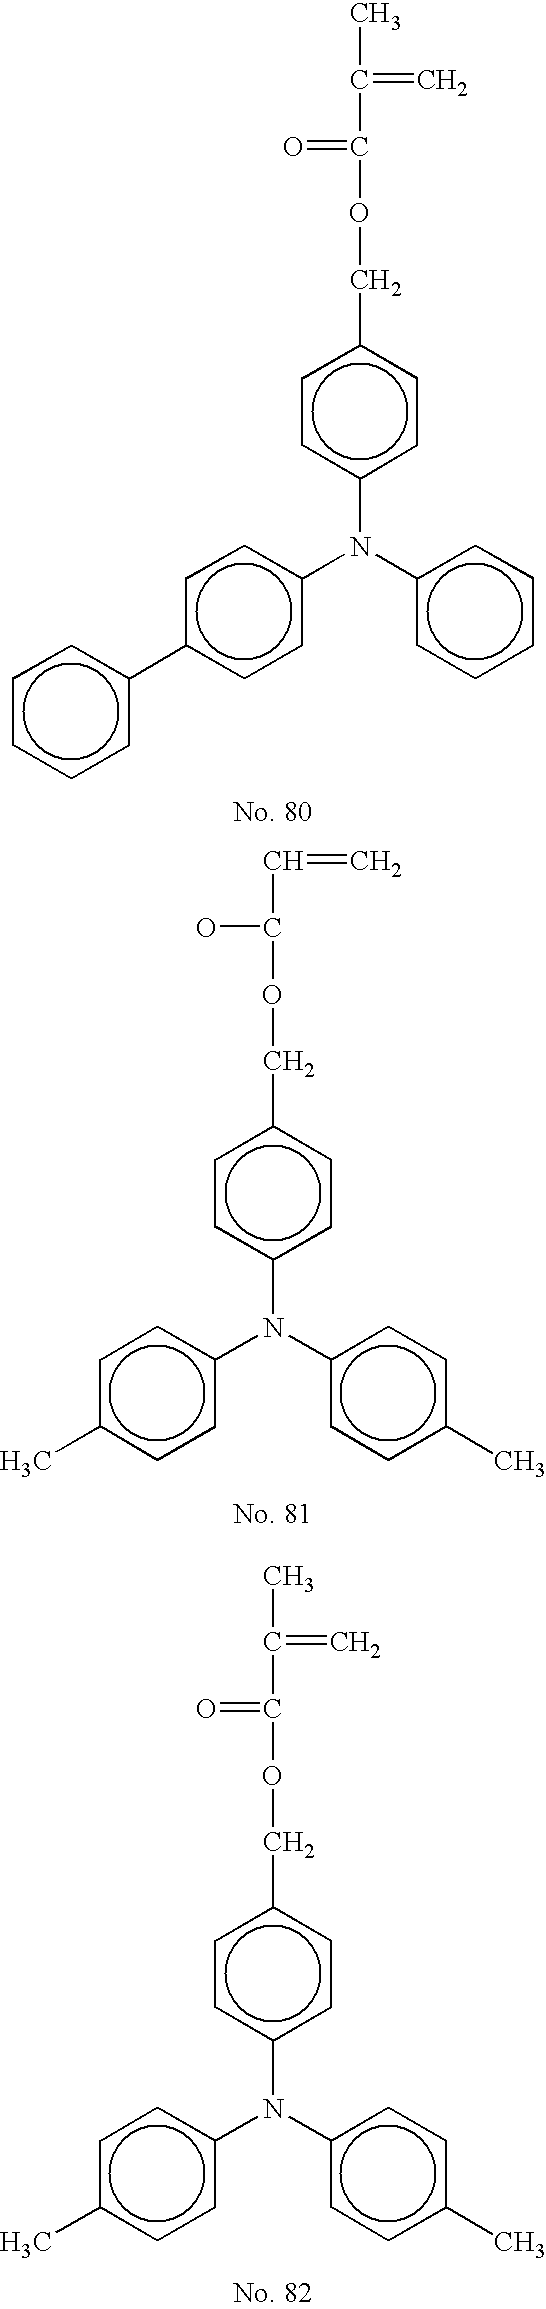 Figure US20070196749A1-20070823-C00029